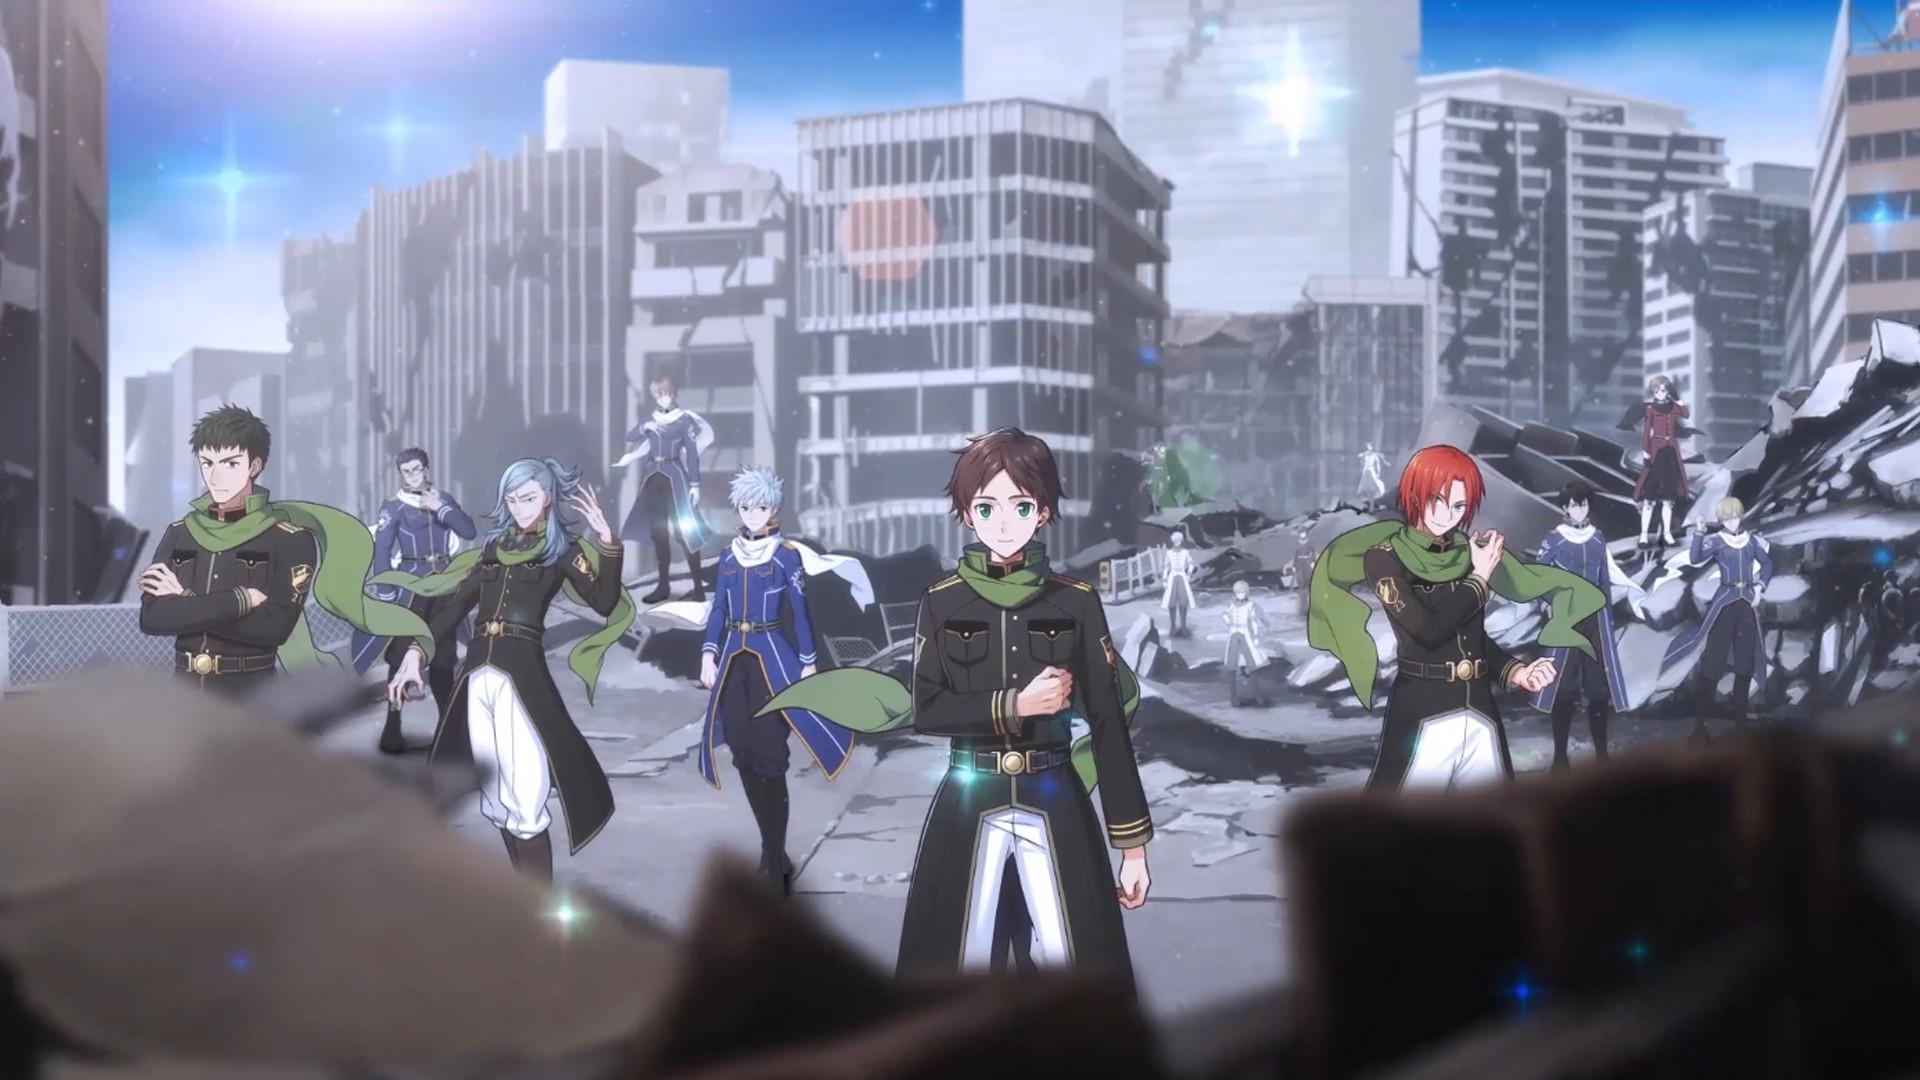 『ワールドエンドヒーローズ』プロモーション映像 第1弾 世界観編